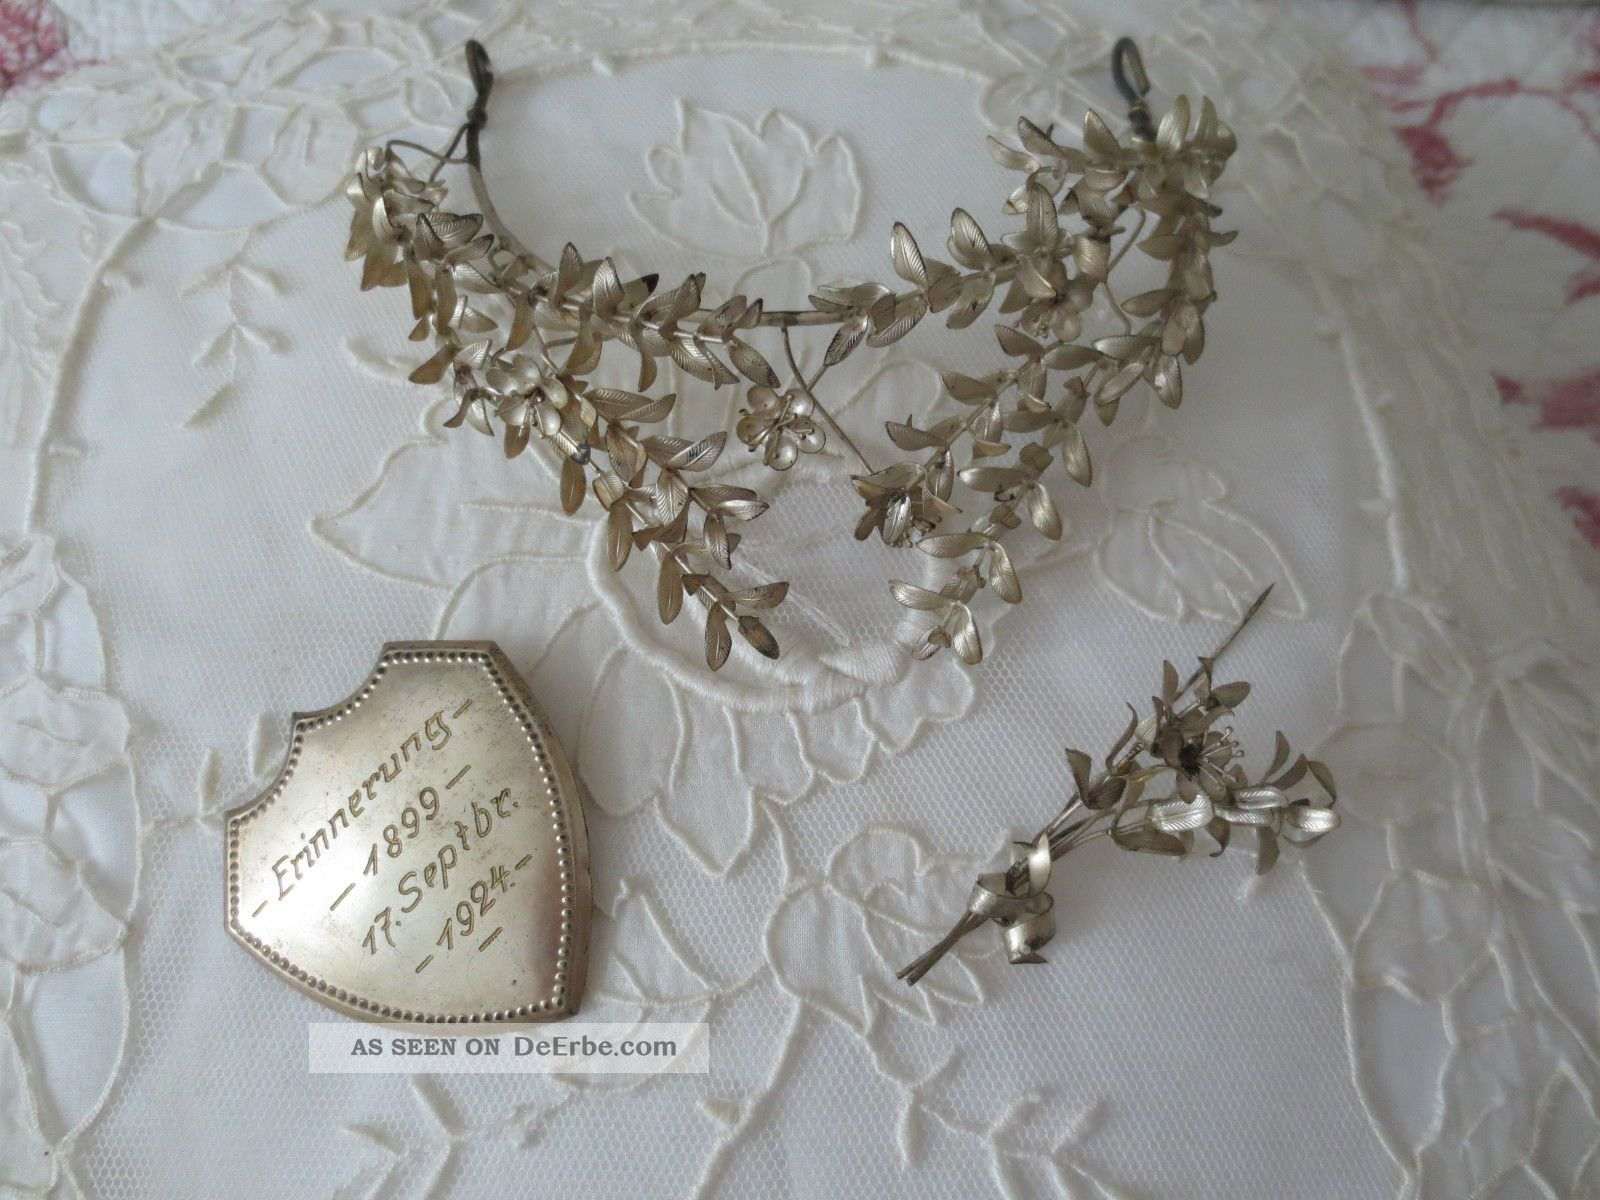 Brautkranz Braut - Krone Silberkrone Anstecker Shabby Frankreich ...